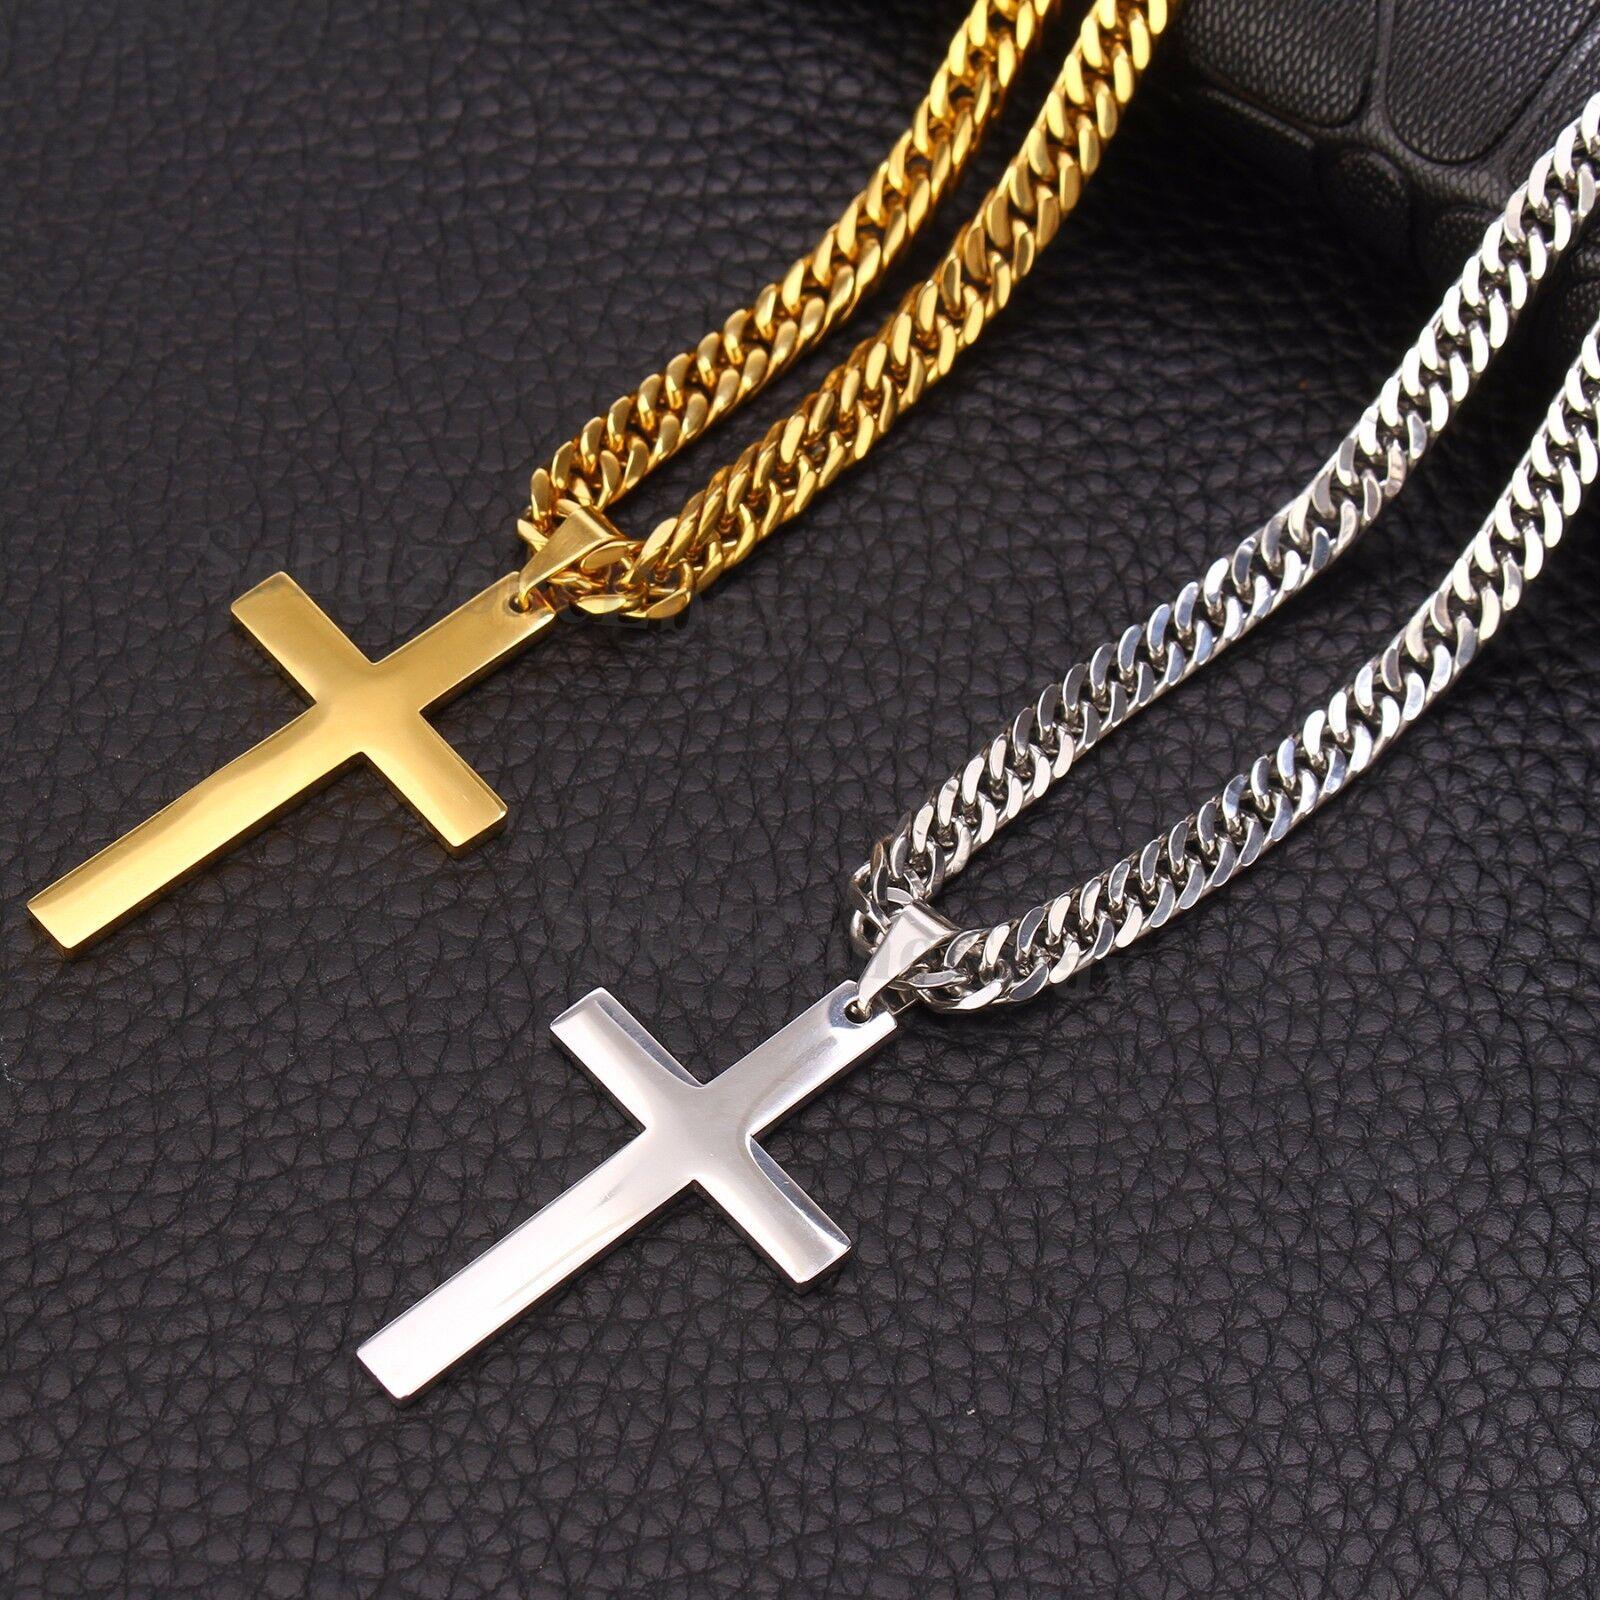 Цепочки с крестиками картинки